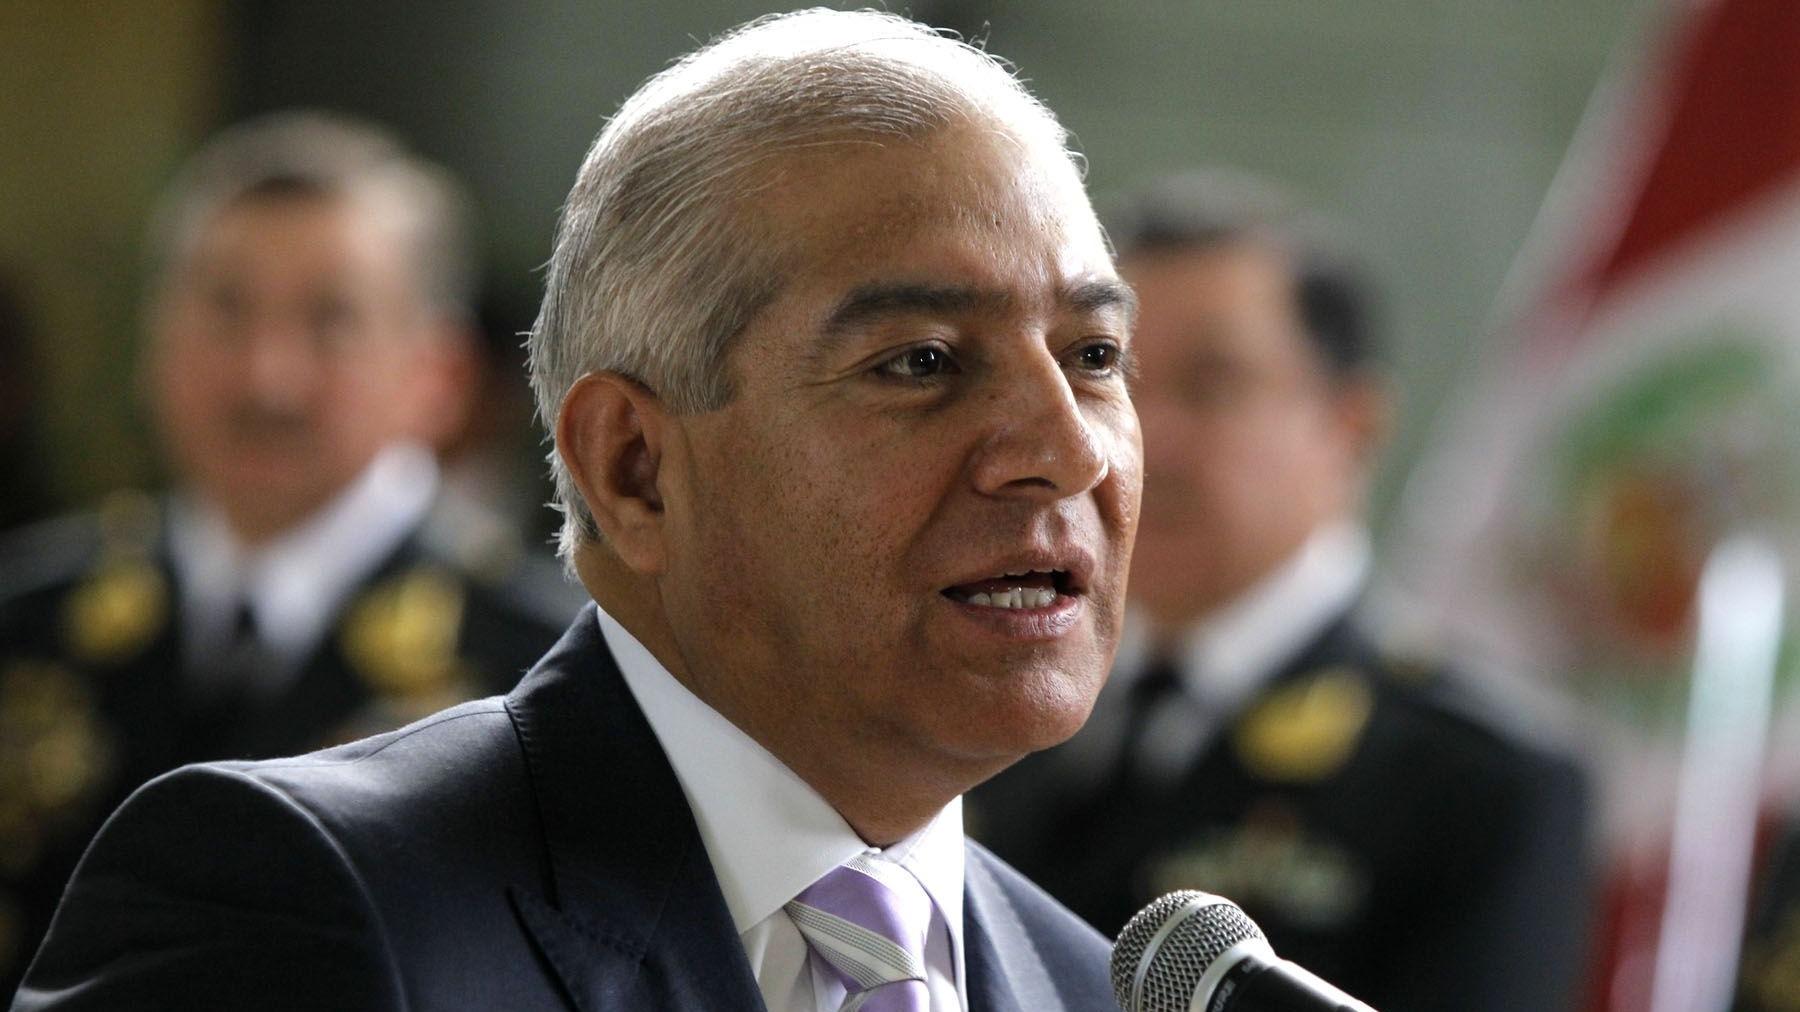 El ex ministro del Interior señaló que la hipótesis del suicidio en el caso quedó descartada en el 2015.